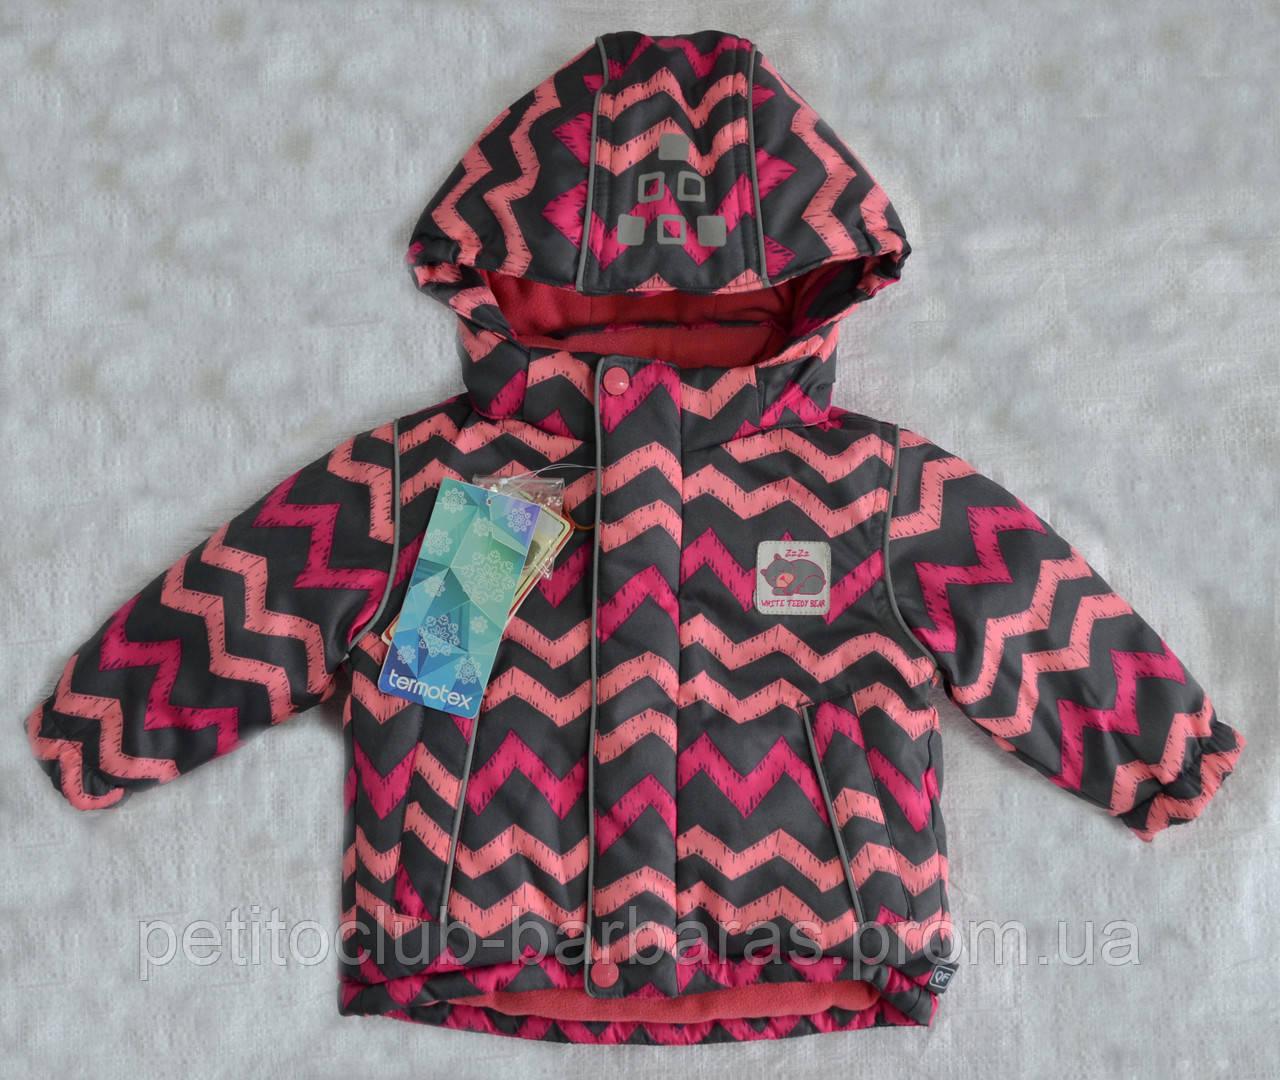 Детская зимняя куртка Зиг-Заг розовая (QuadriFoglio, Польша)